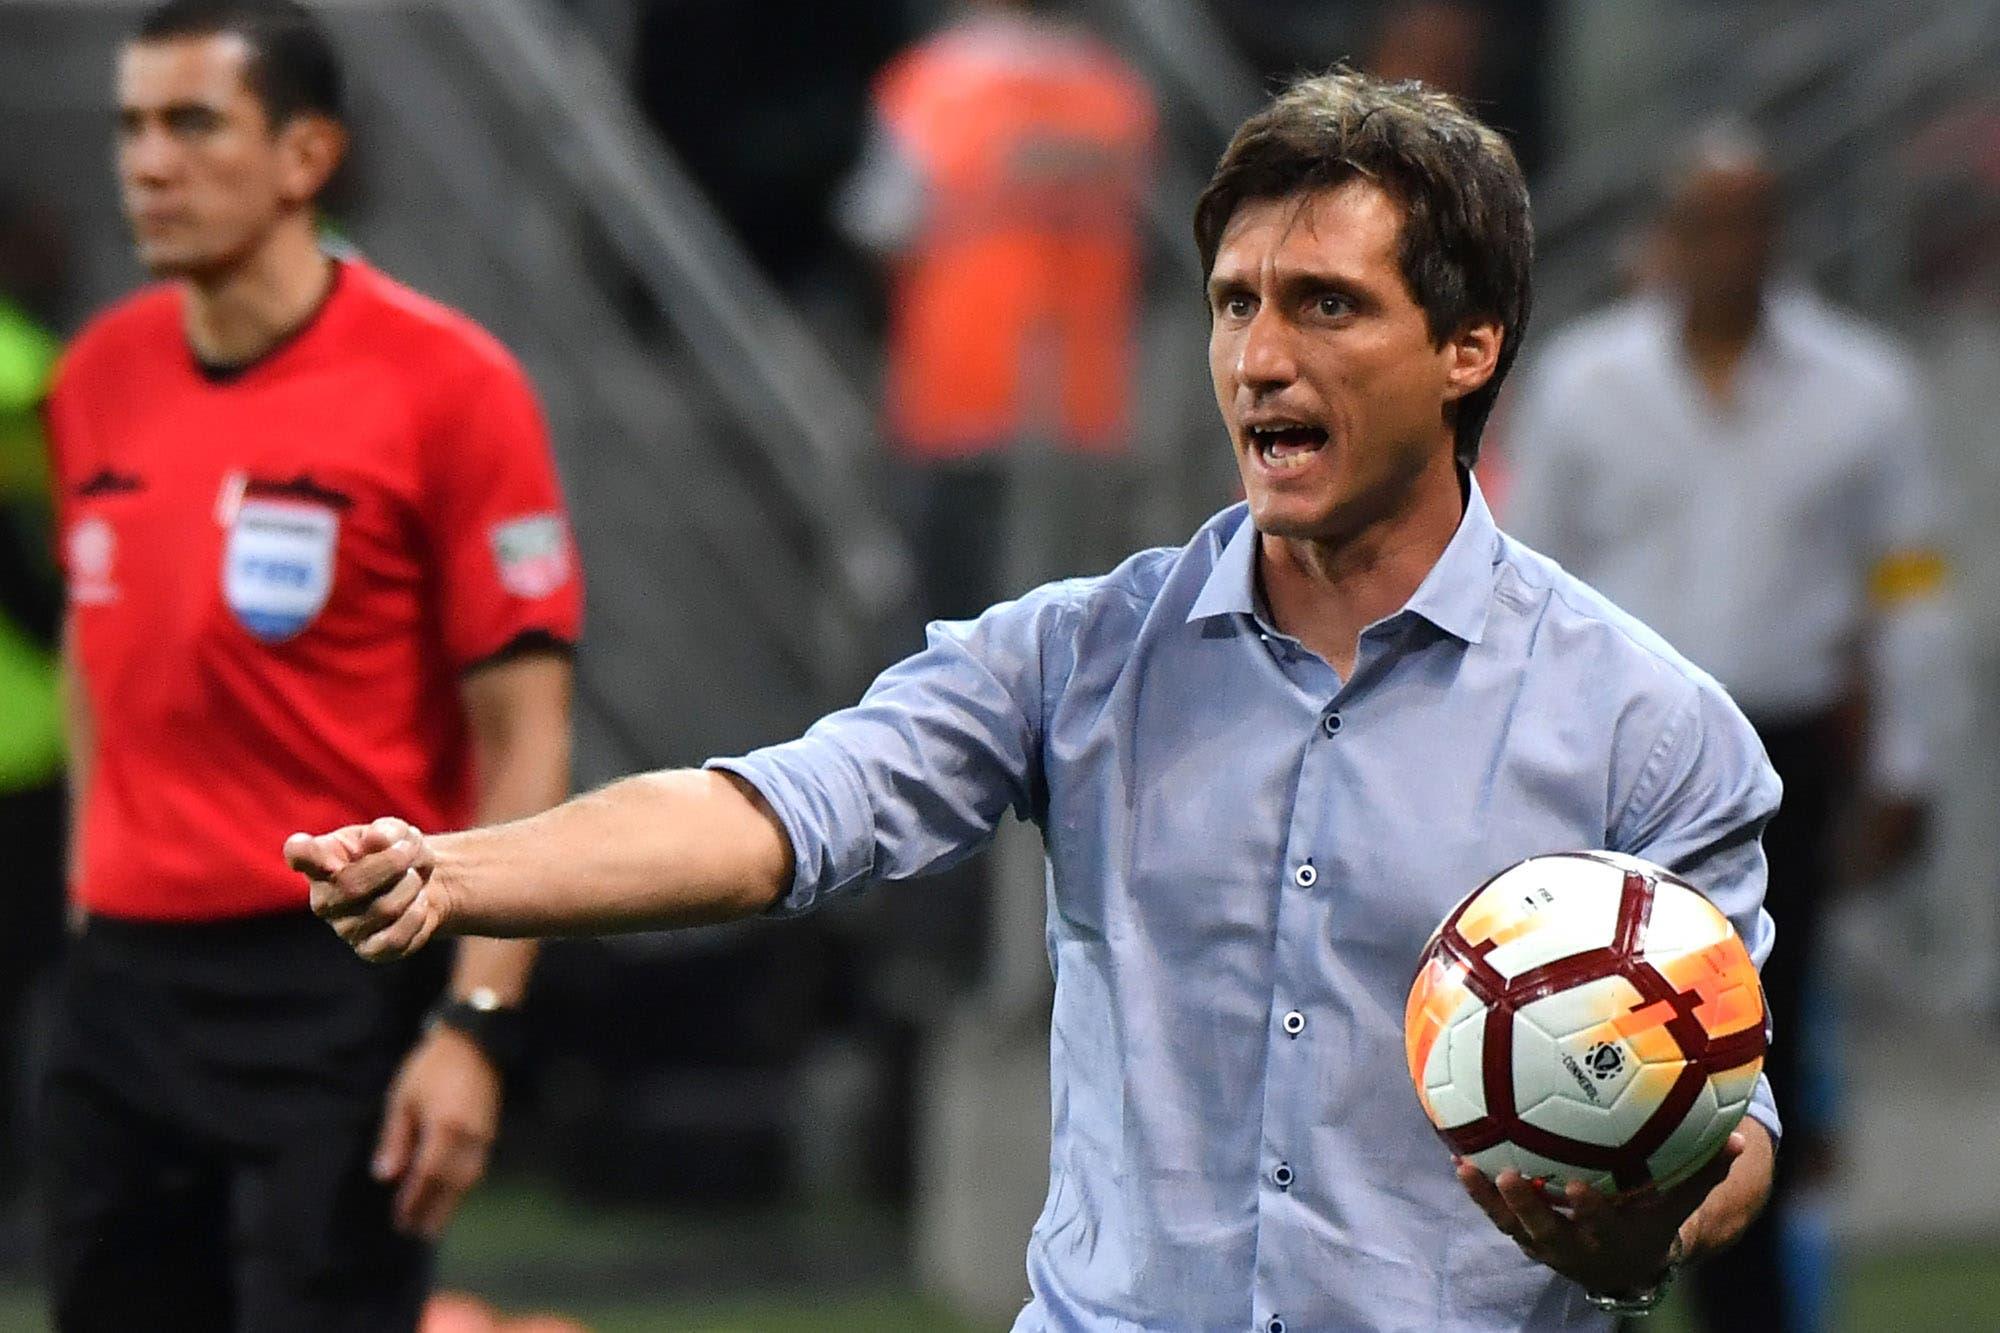 """La convicción de Gustavo Barros Schelotto: """"Nos vamos a preparar para ganar la final"""""""